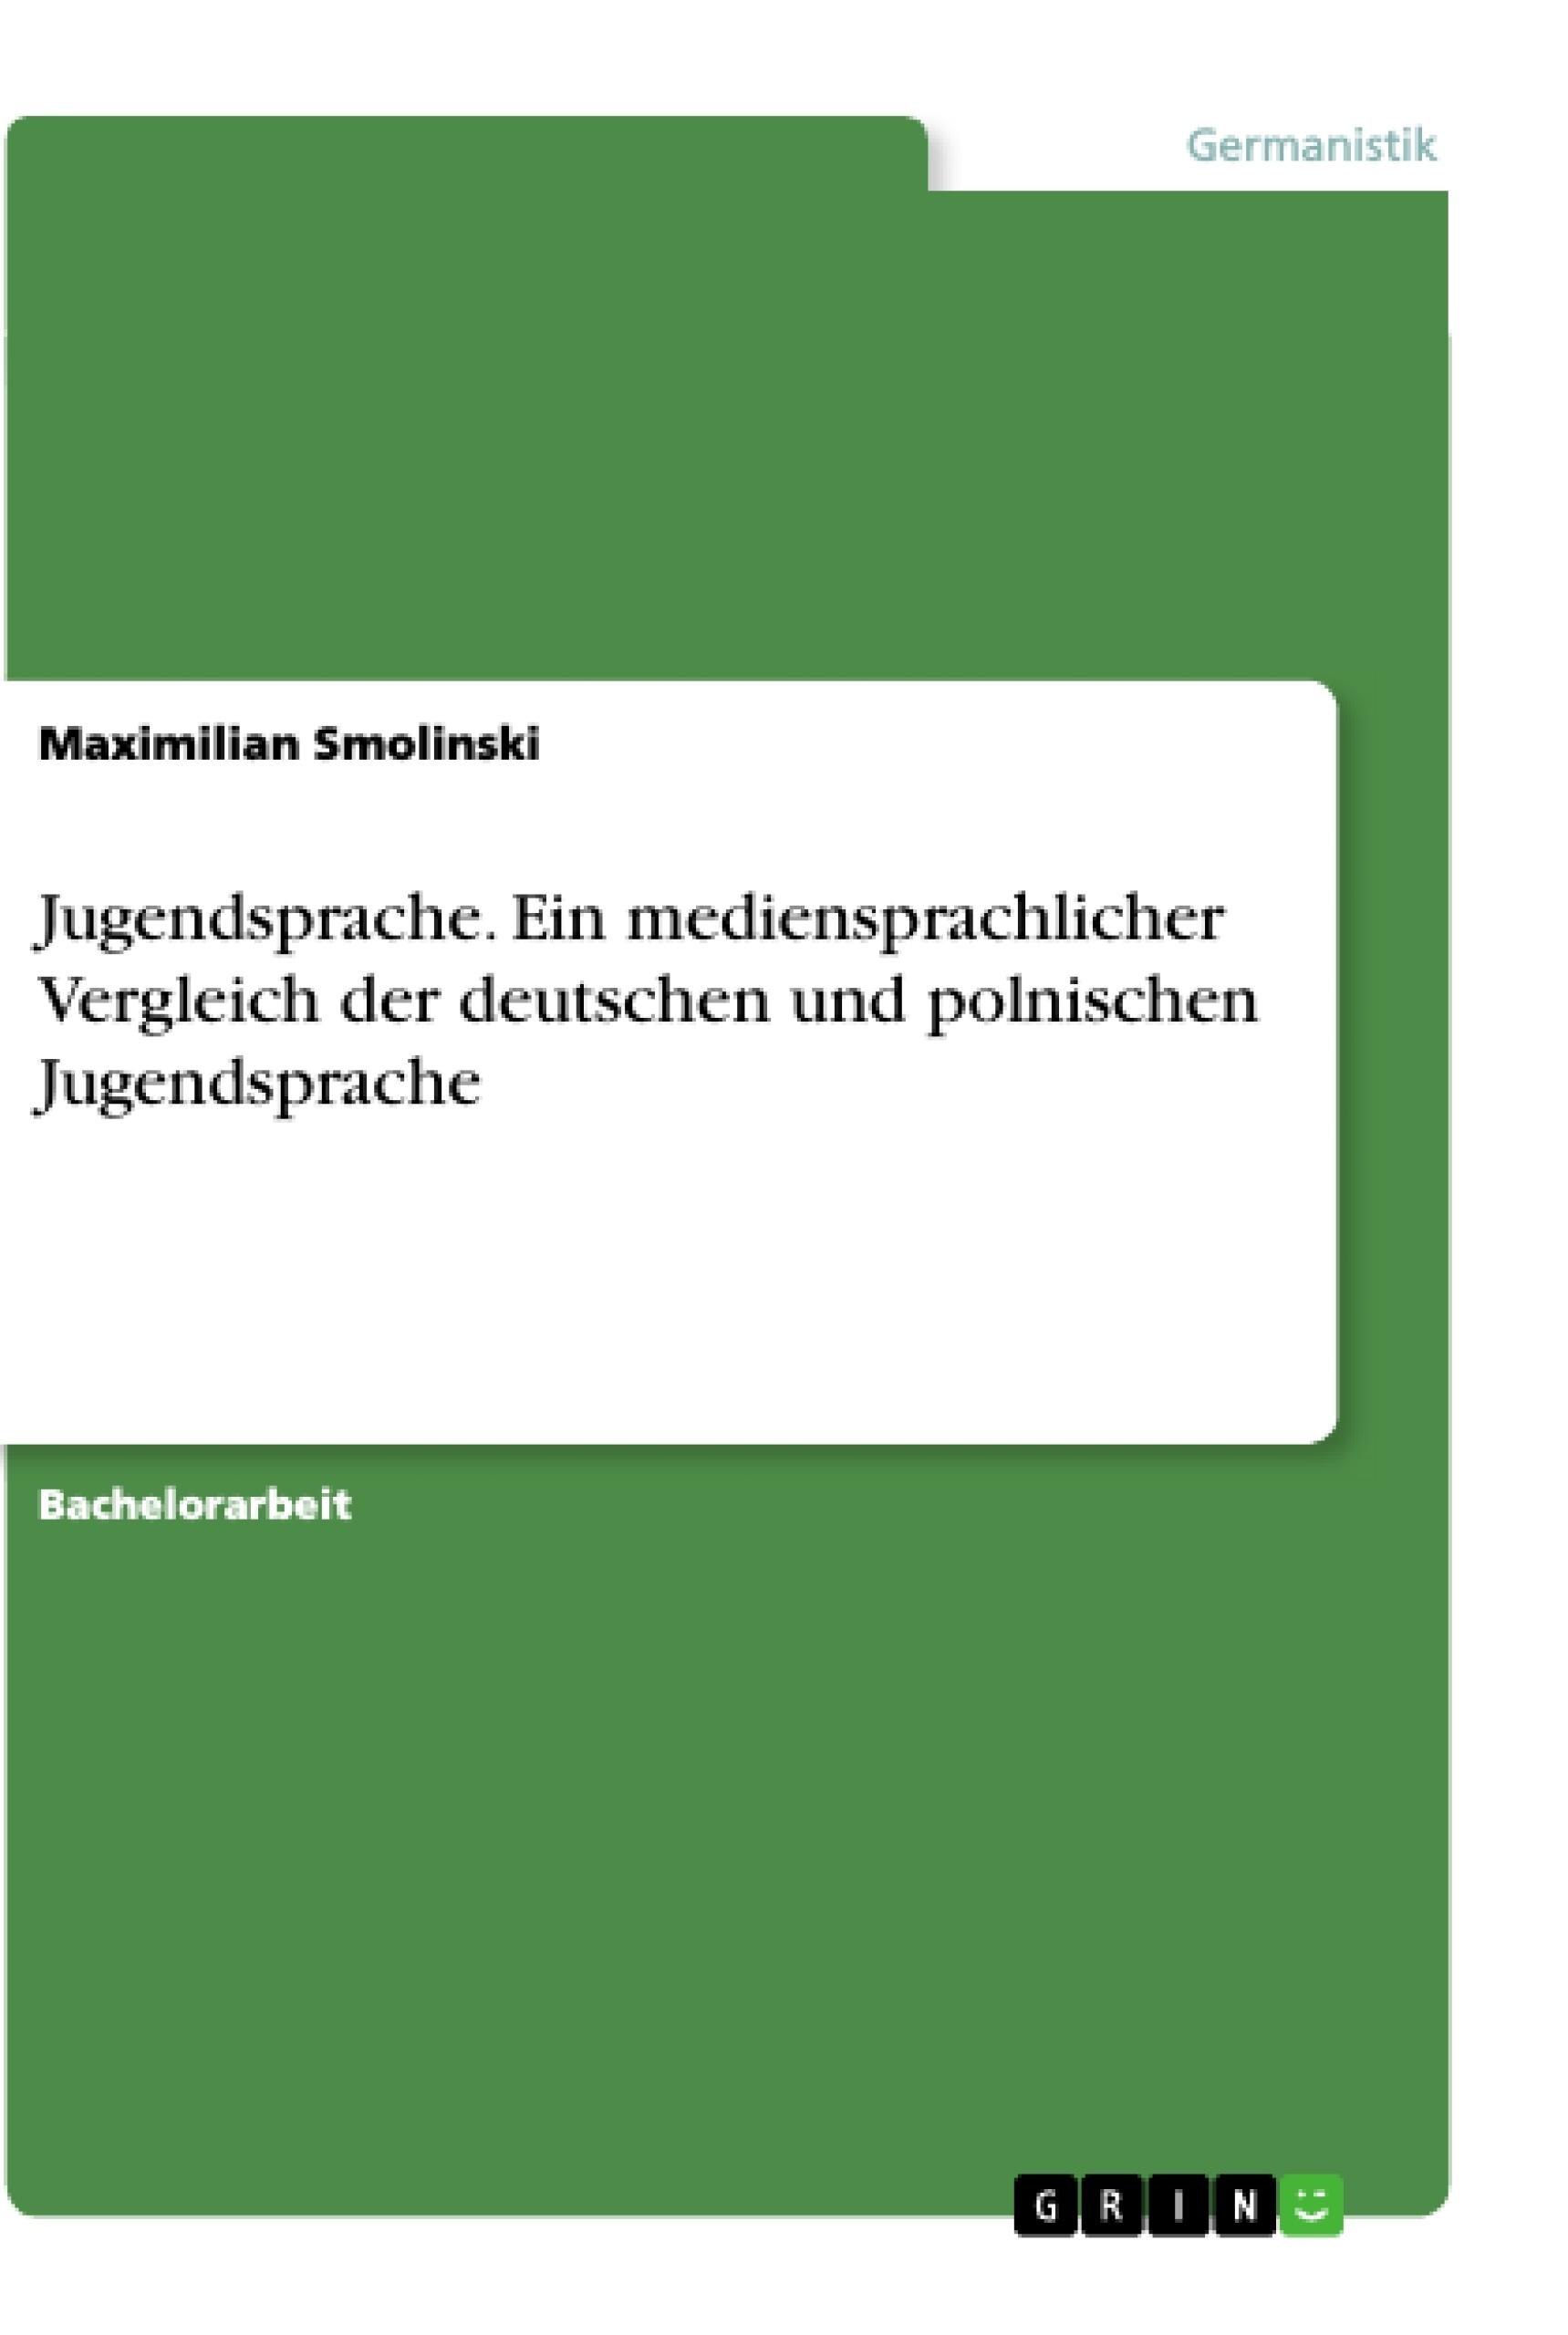 Titel: Jugendsprache. Ein mediensprachlicher Vergleich der deutschen und polnischen Jugendsprache